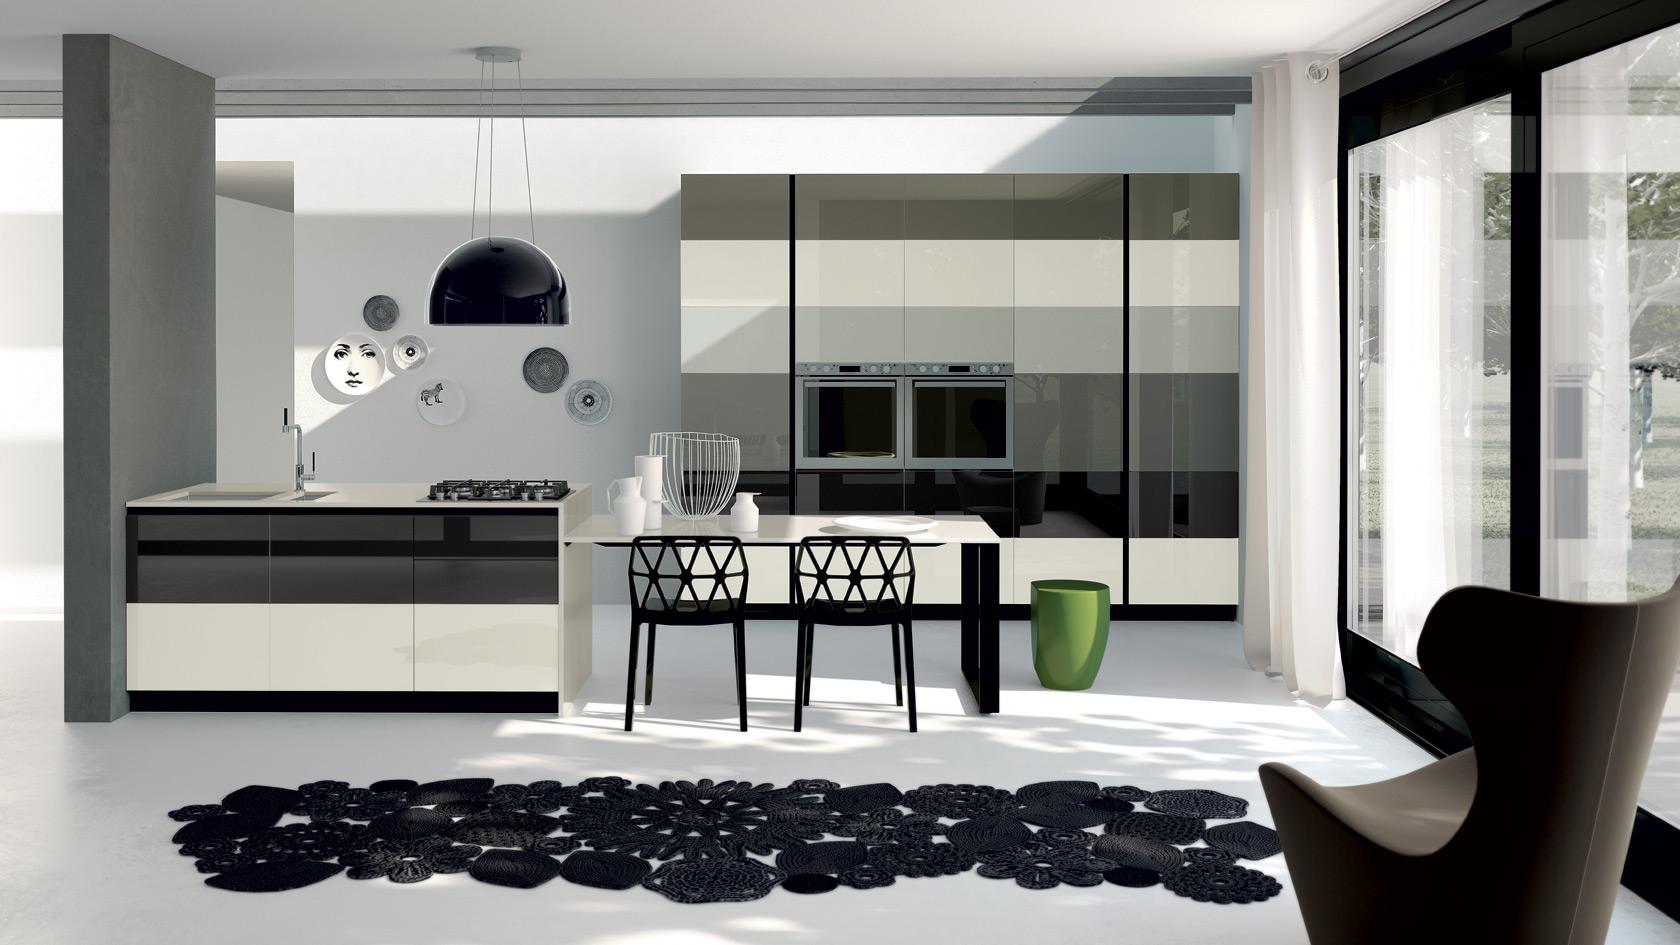 LivingHouse Italia  Se la casa che desideri non esiste